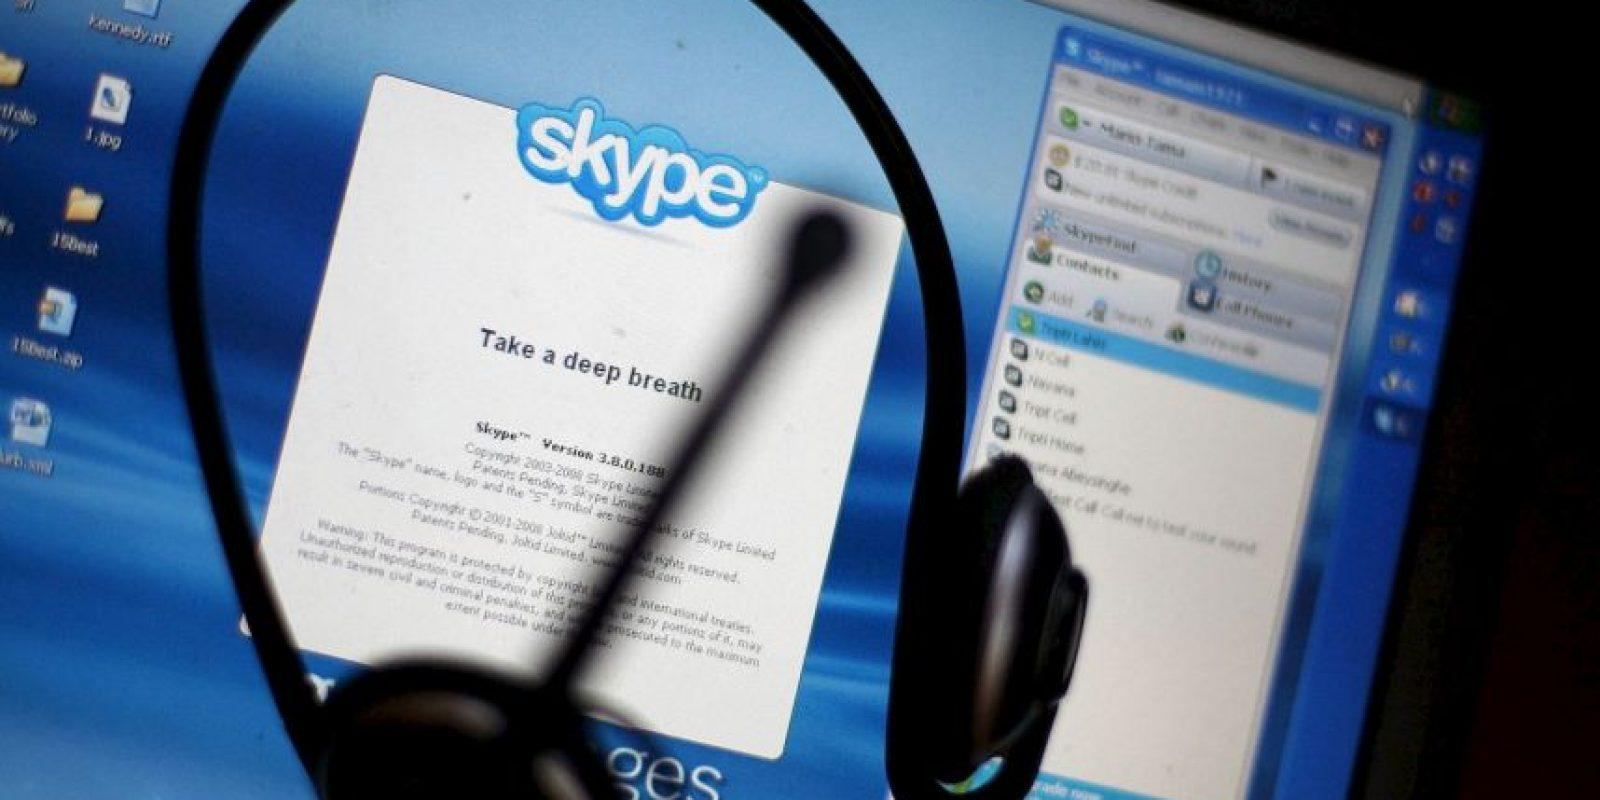 Skype es una de las más populares opciones para llamadas, video llamadas y mensajes. Foto:Getty